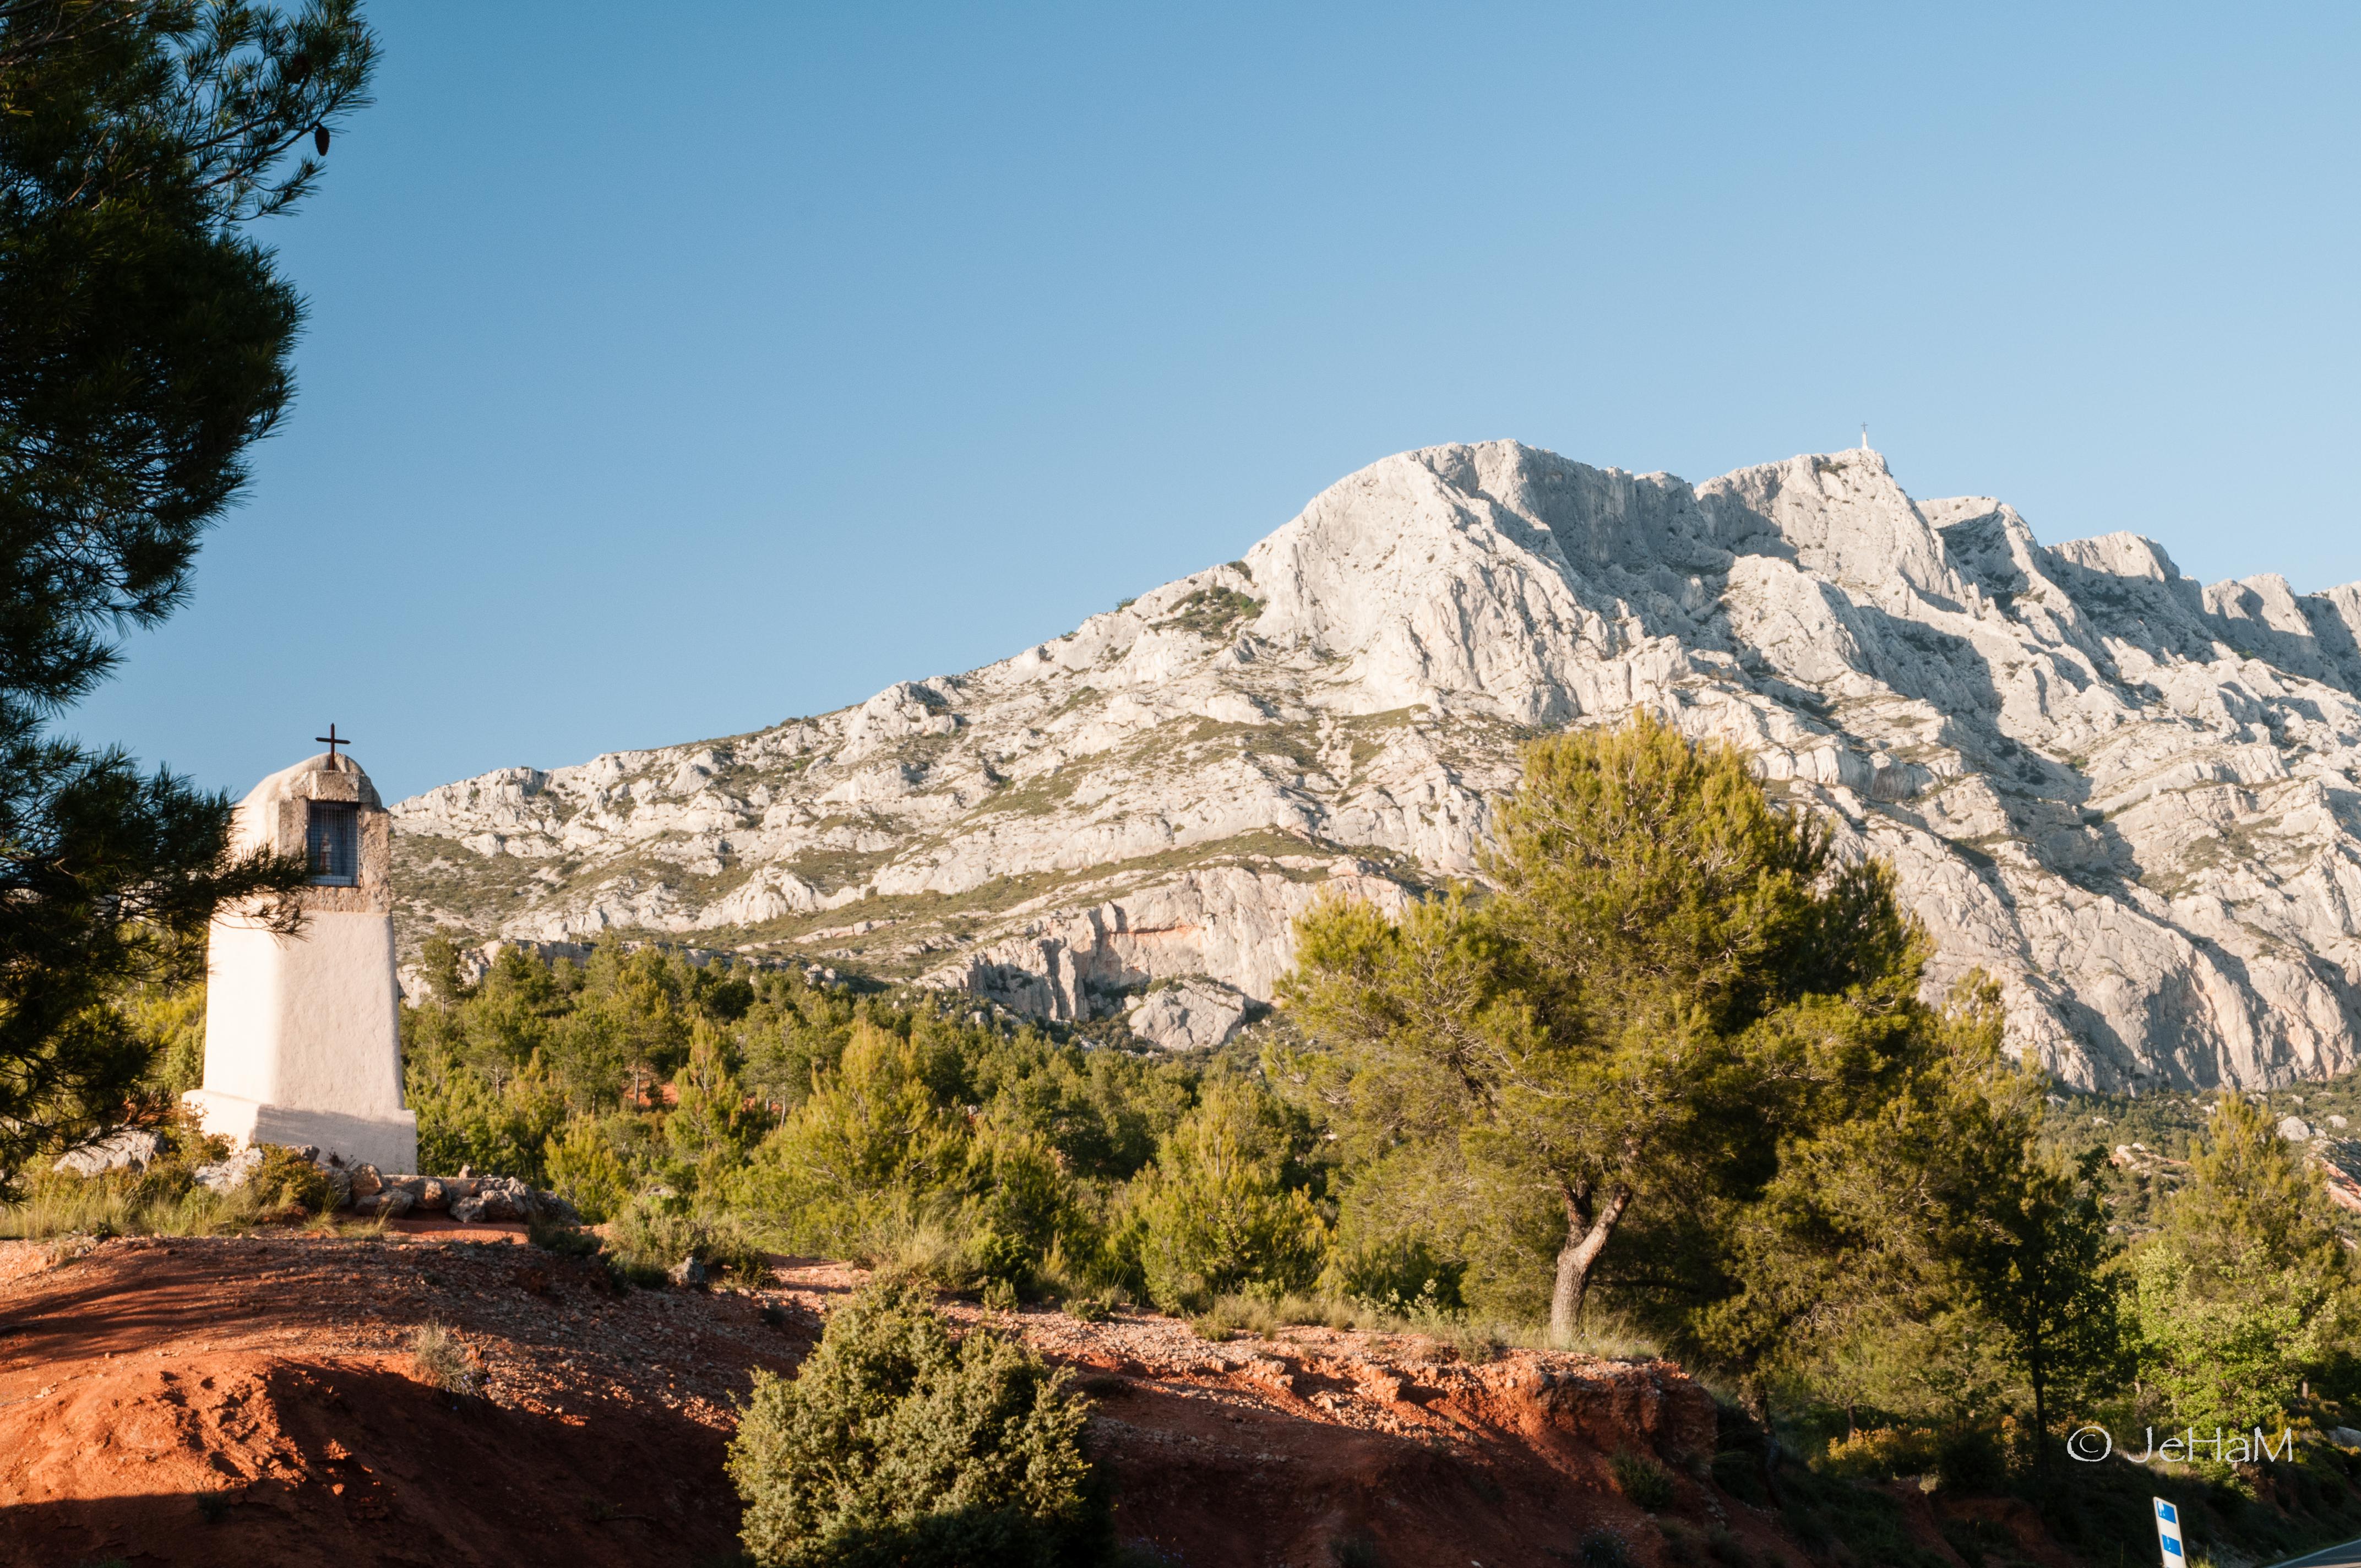 Randonnée à la Sainte-Victoire, la Croix de Provence